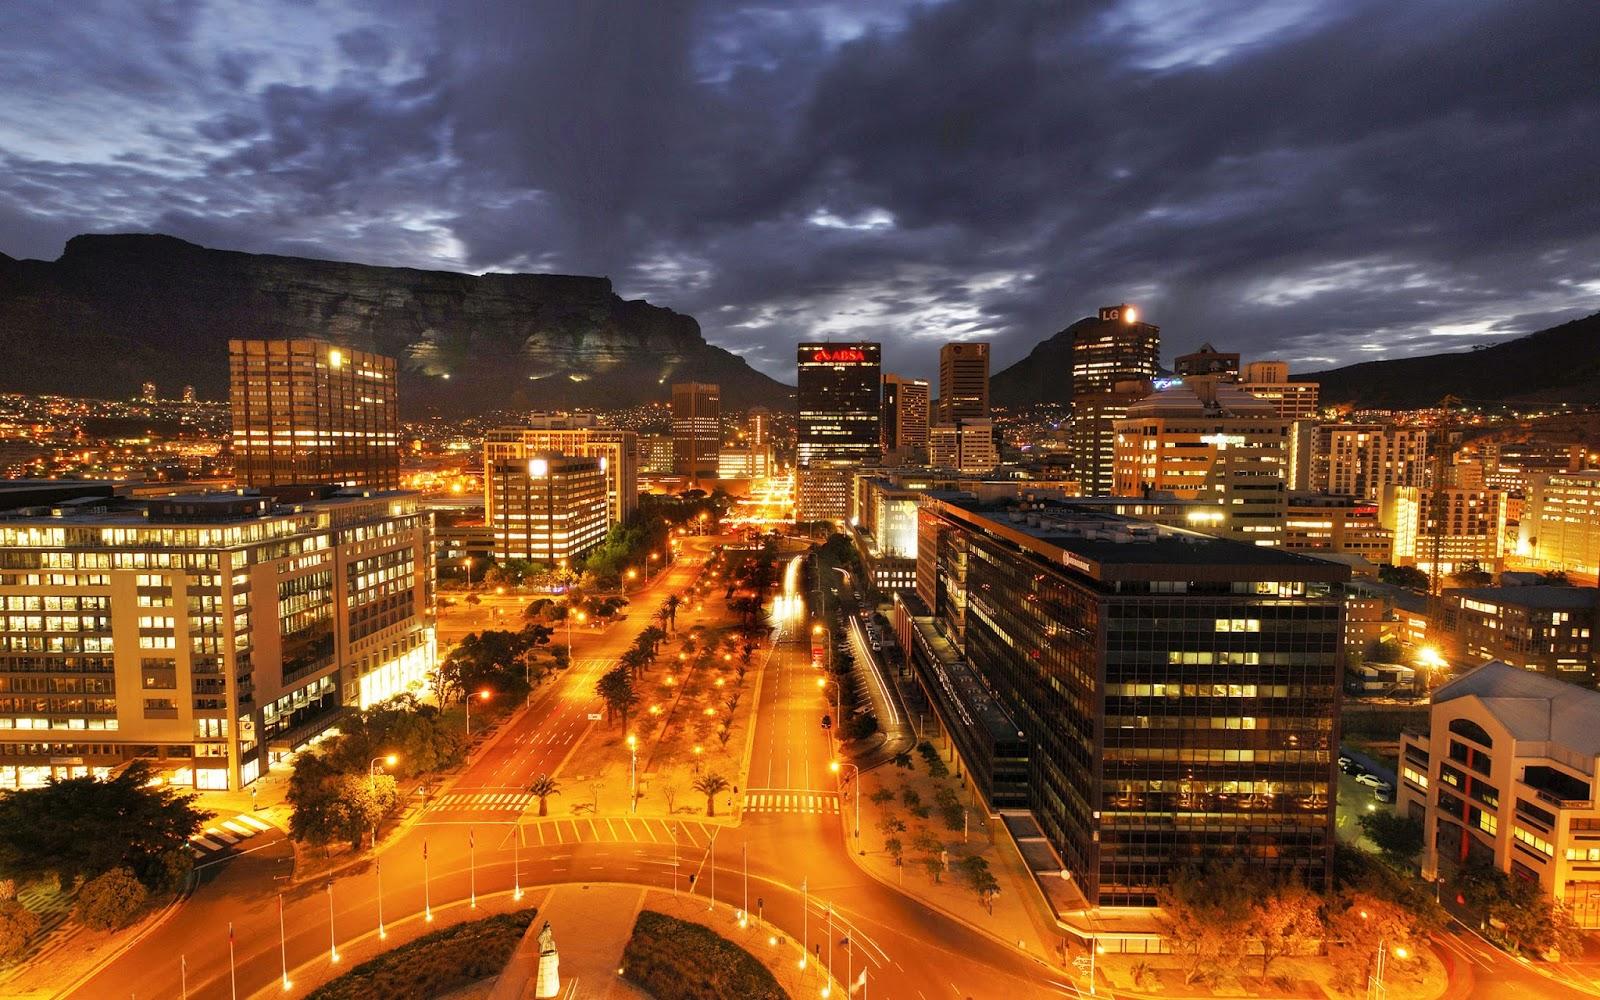 https://i0.wp.com/3.bp.blogspot.com/-uDTdW7ucJ6I/UhKrdhrnGjI/AAAAAAAAVxE/HBcfVJWLk58/s1600/Adderley-Street-Cape-Town-South-Africa.jpg?resize=1012%2C633